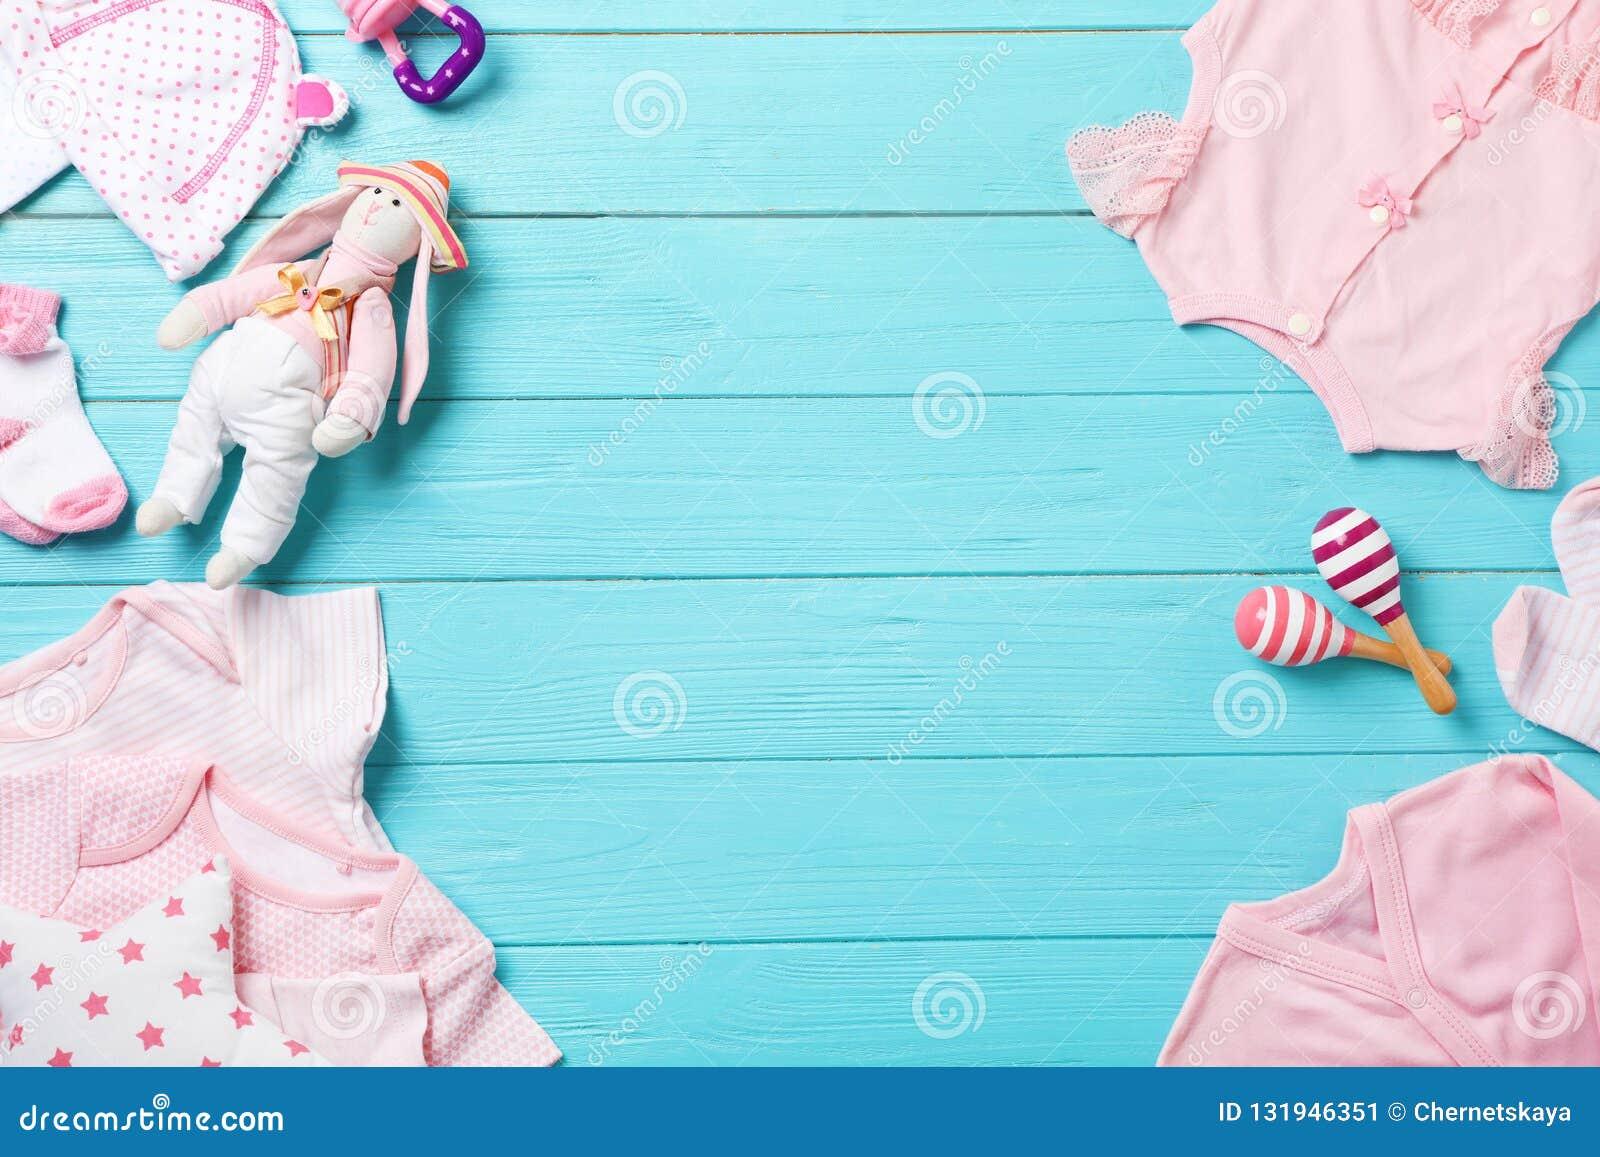 Επίπεδος βάλτε τη σύνθεση με τα μοντέρνα ενδύματα μωρών